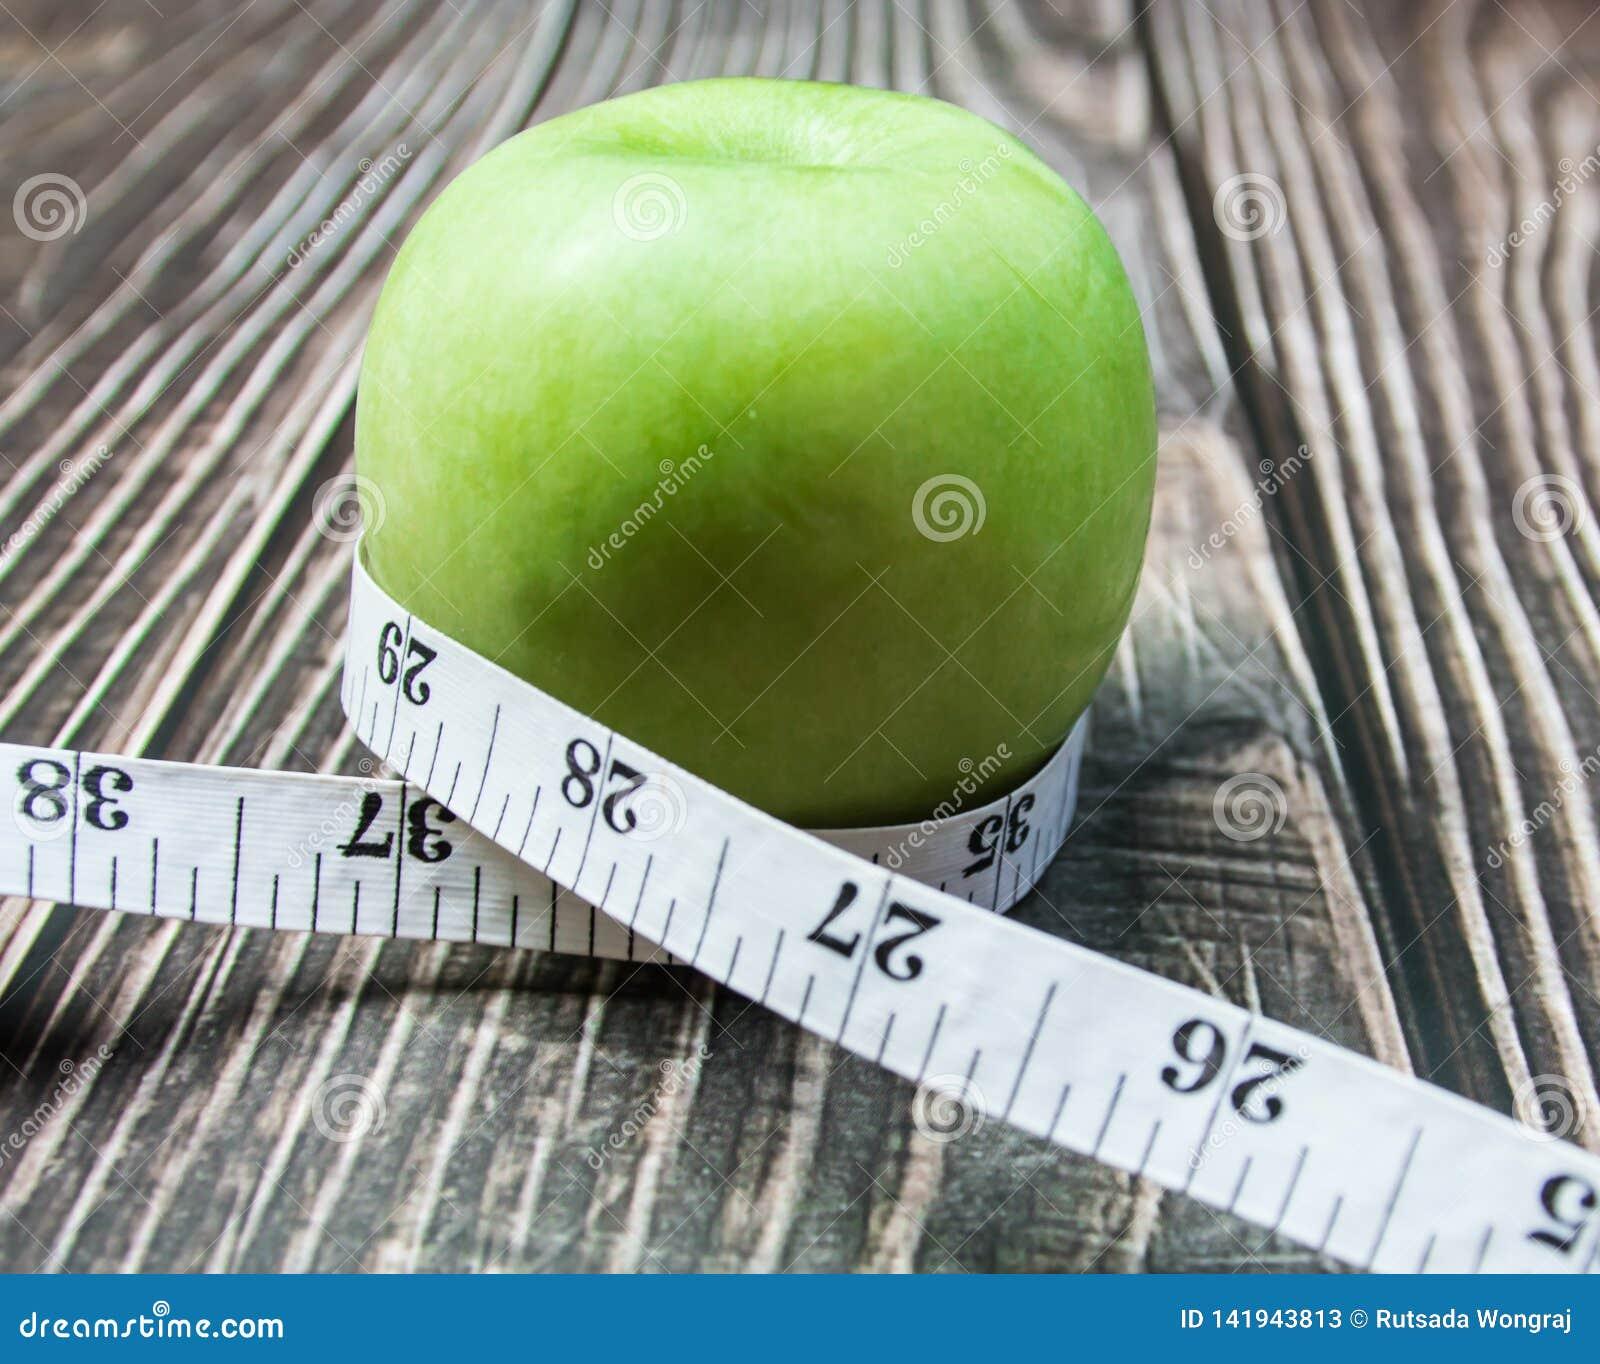 Groene appel met meting op het hout